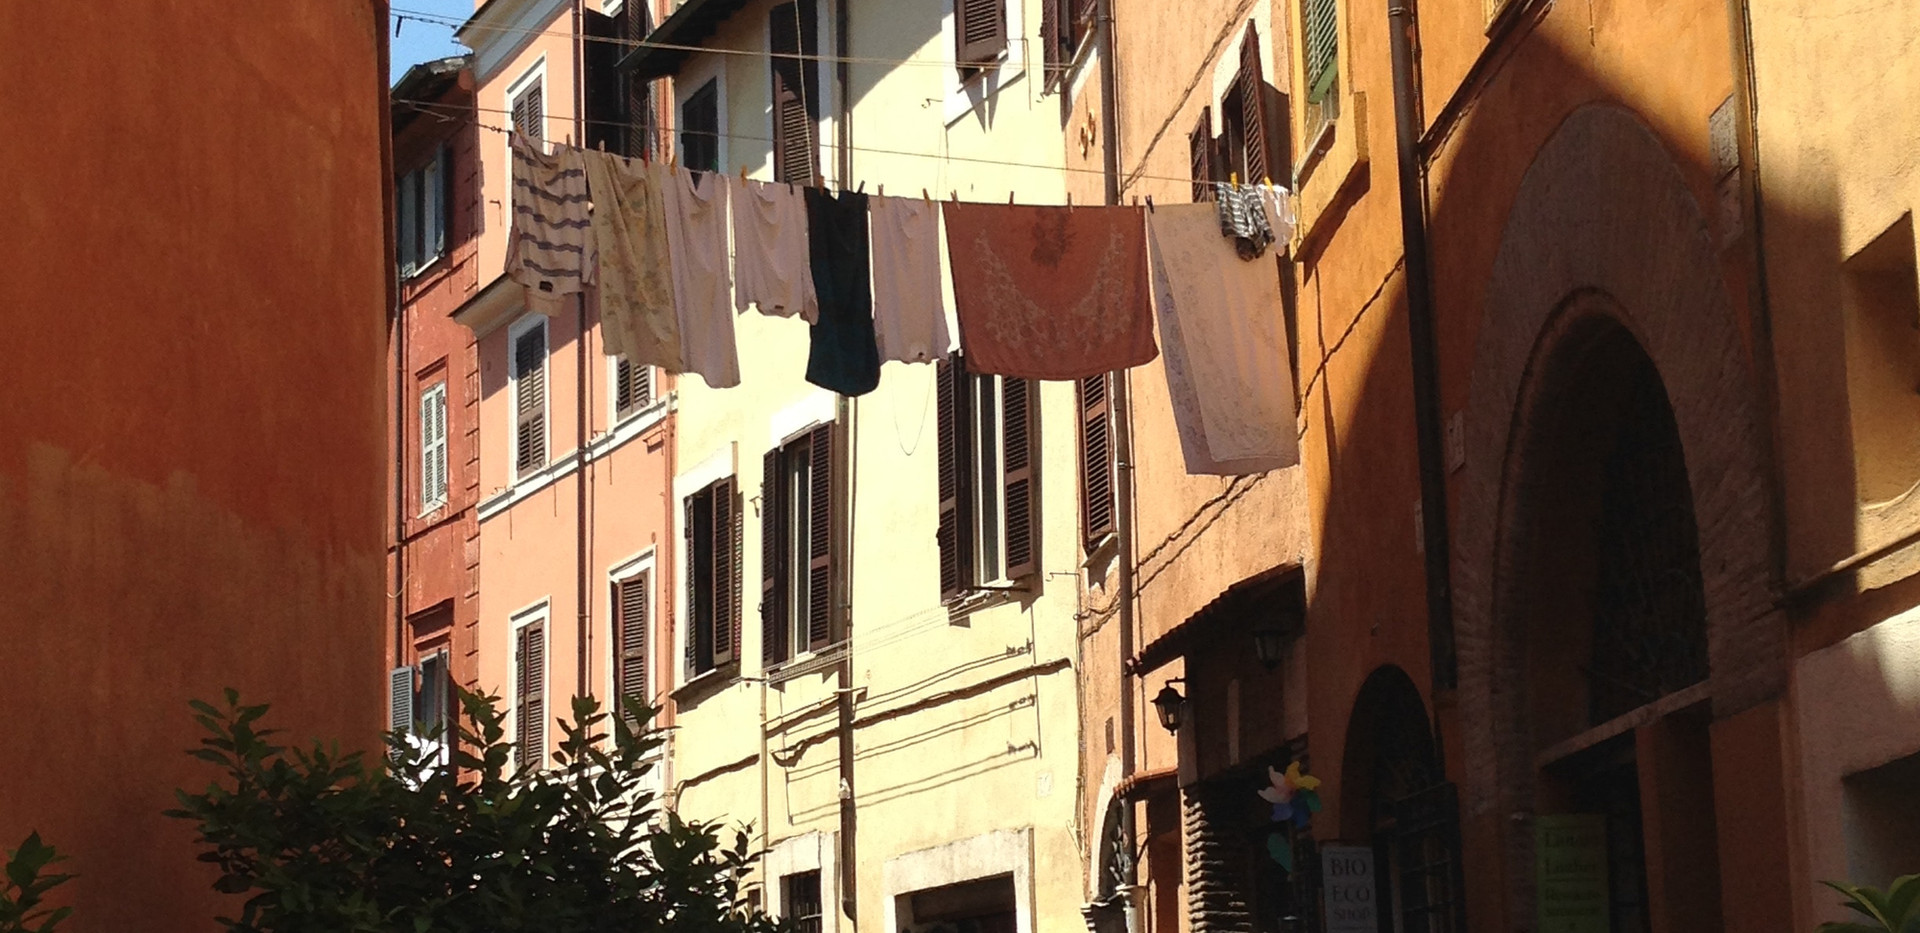 Radtour Rom | Radtouren Rom